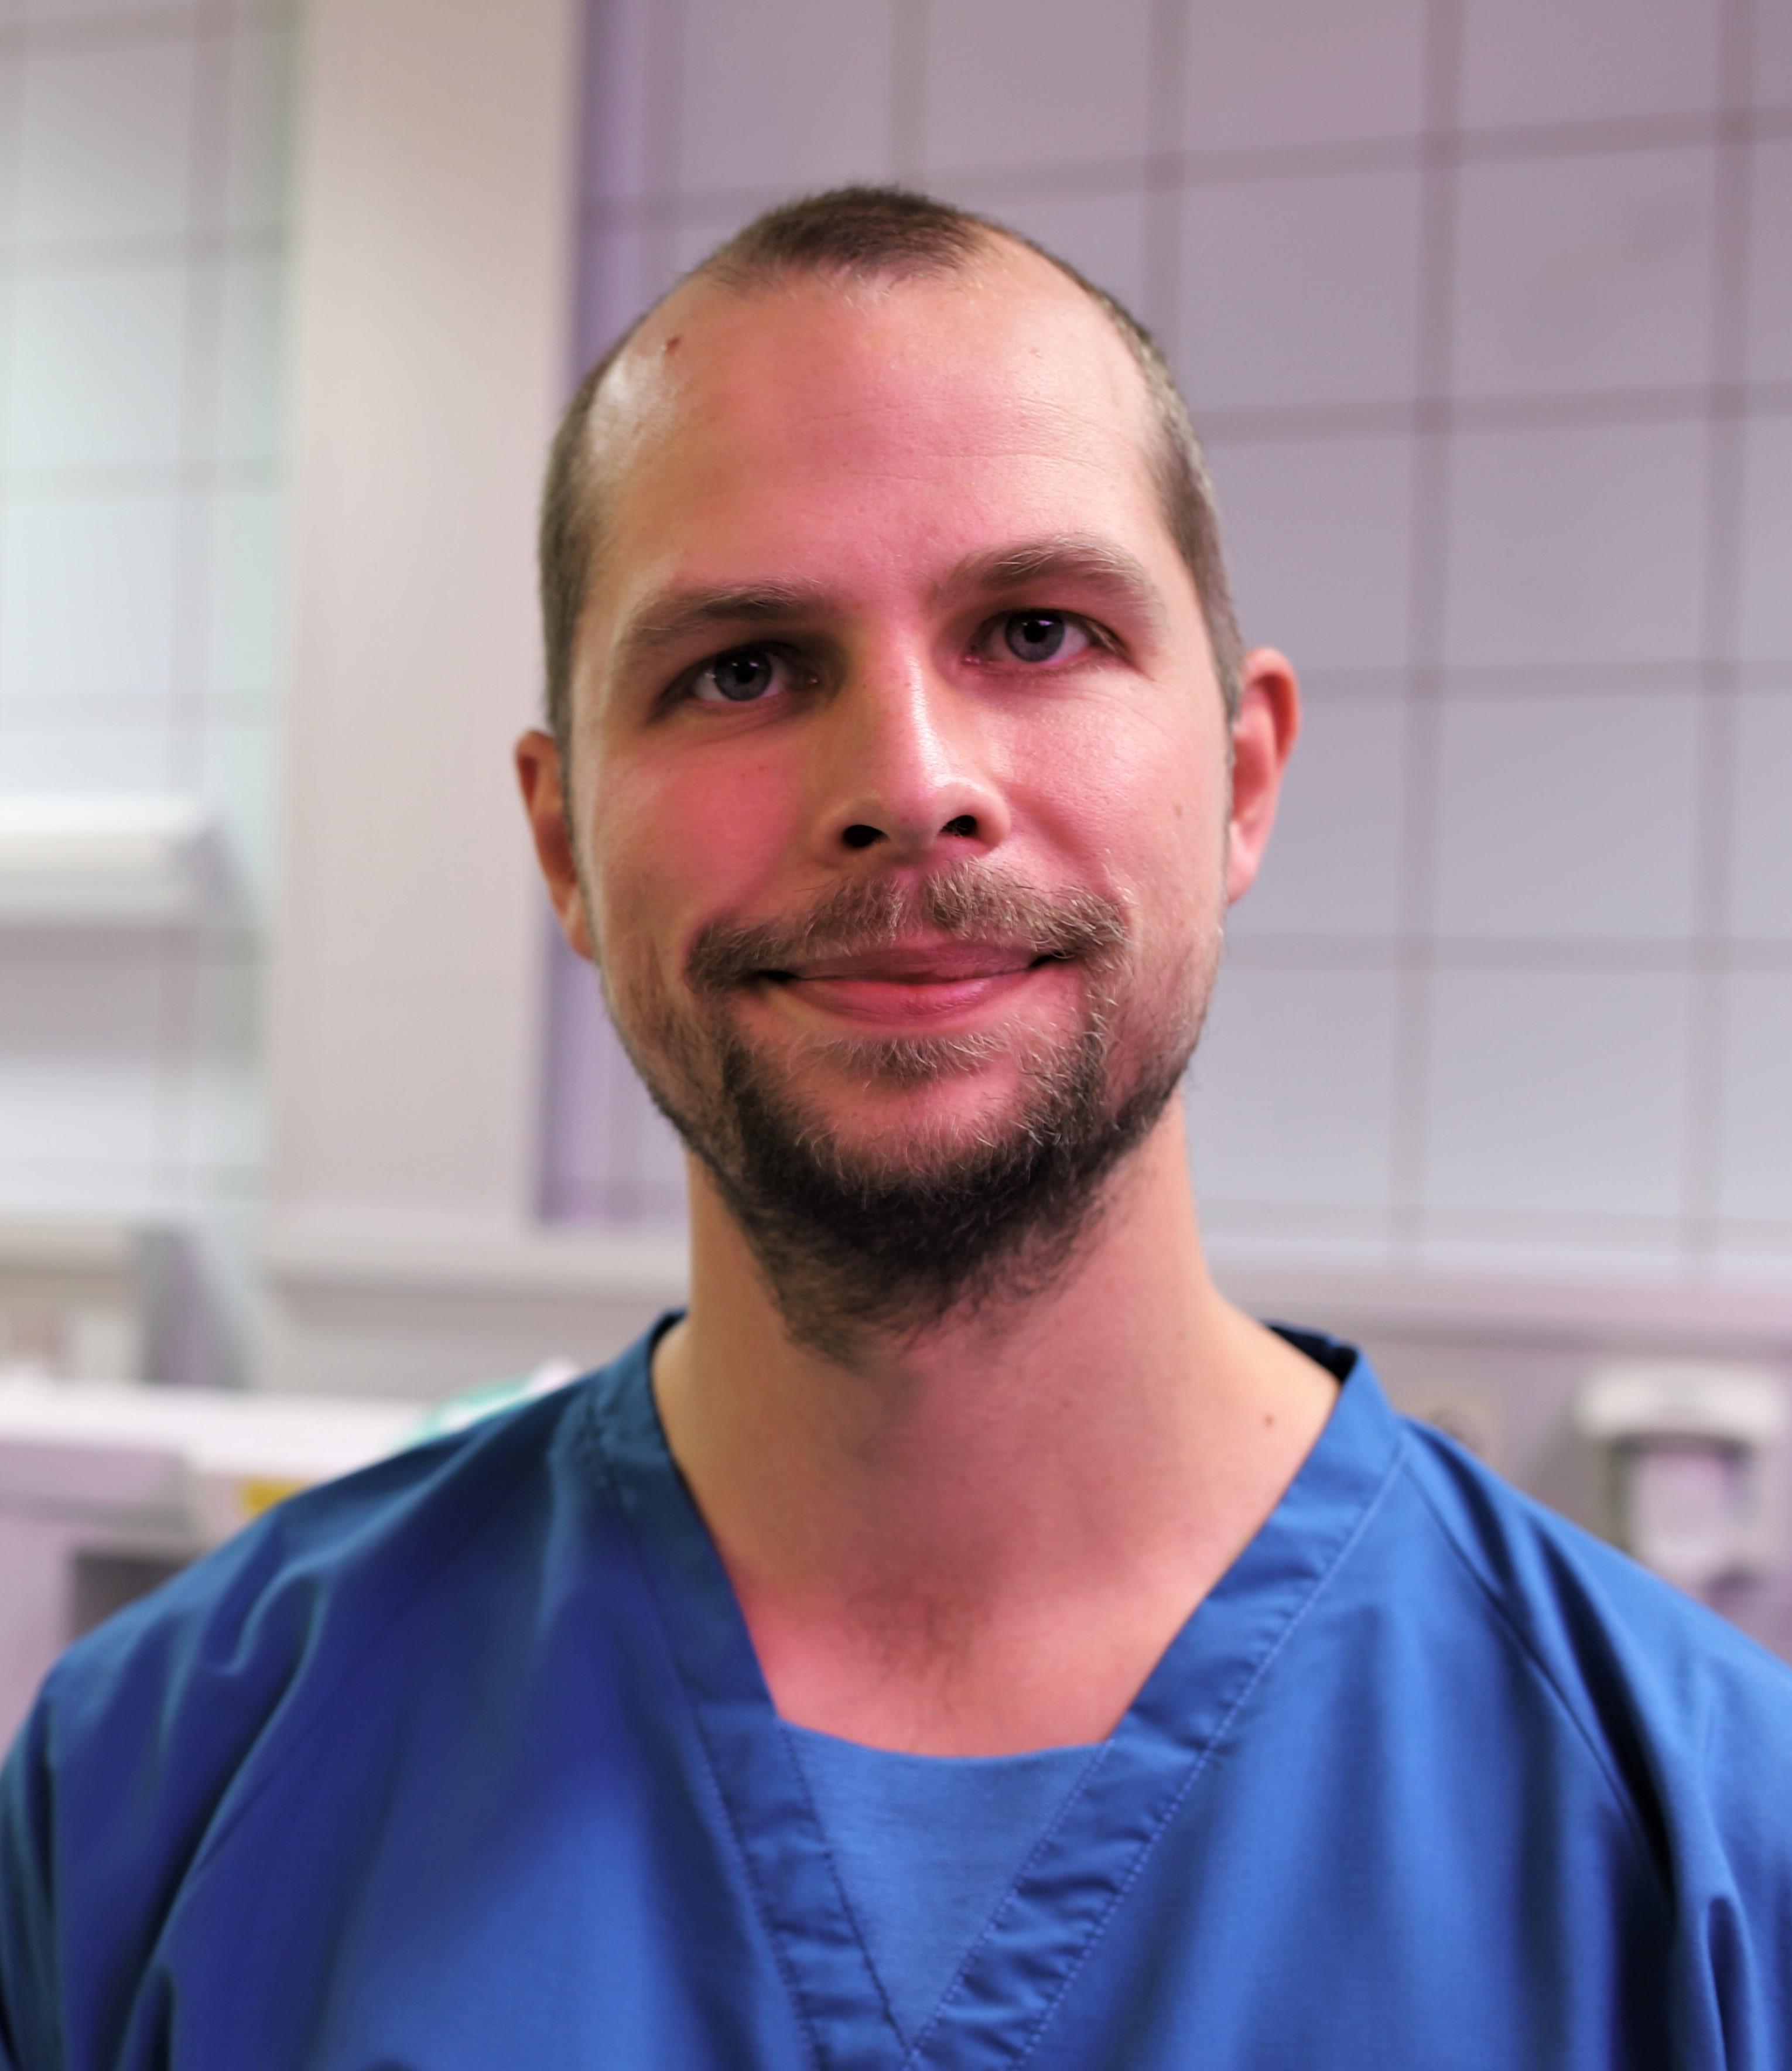 Niels Moeslund